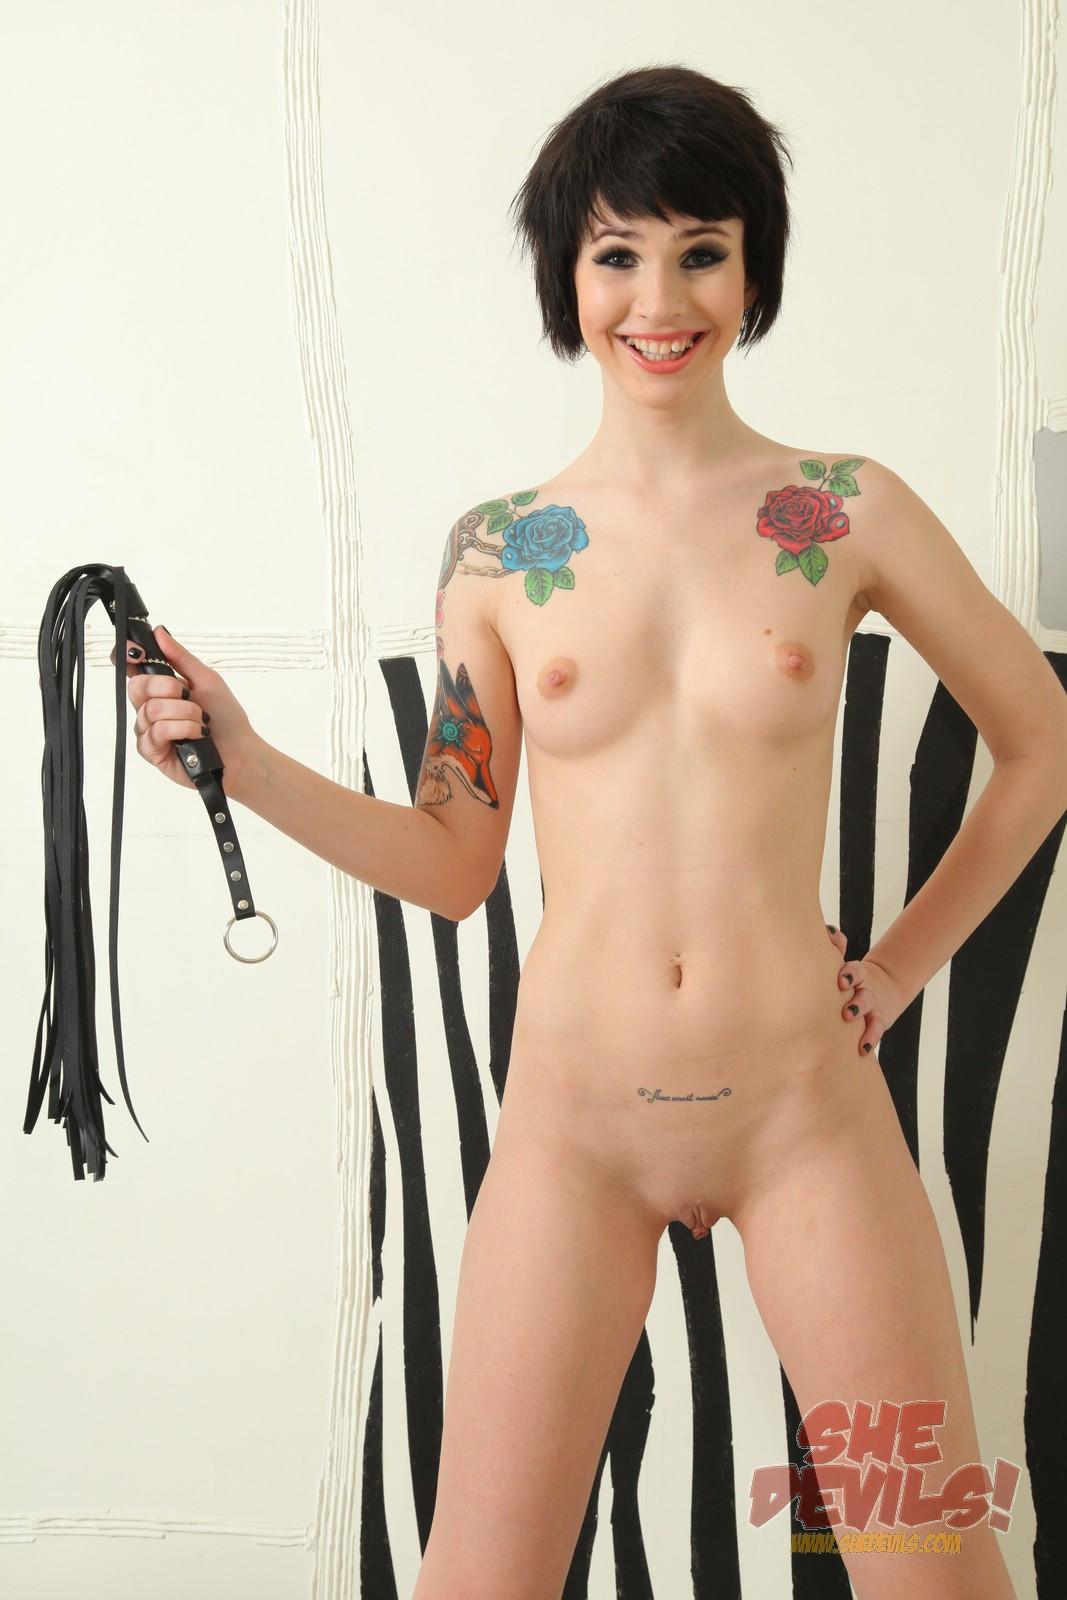 devils nude She emo girl